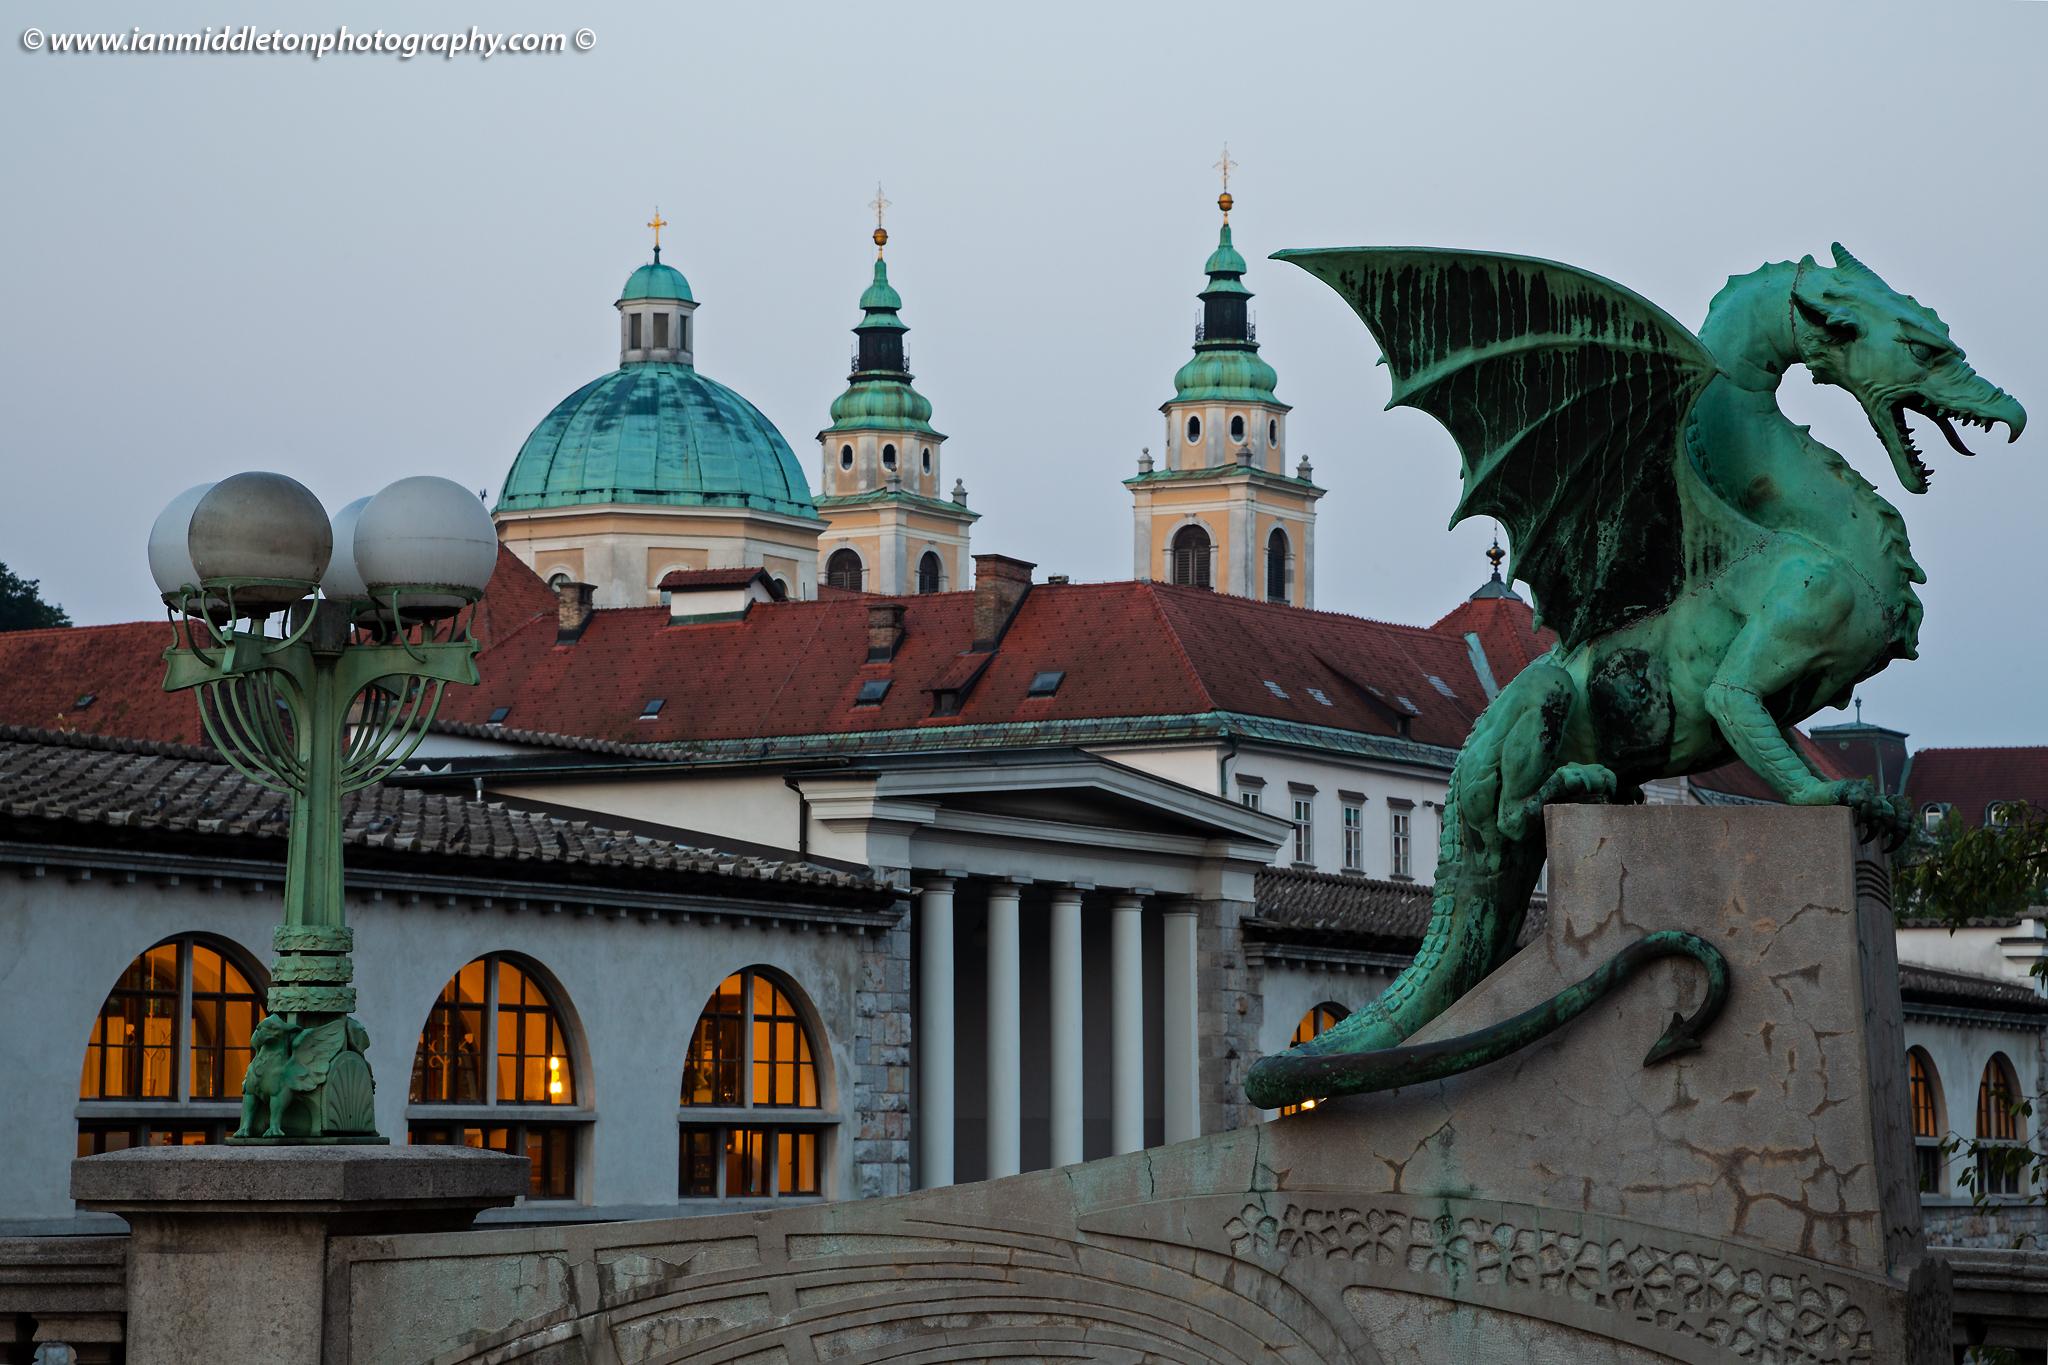 Dragon Bridge in Ljubljana, Slovenia.